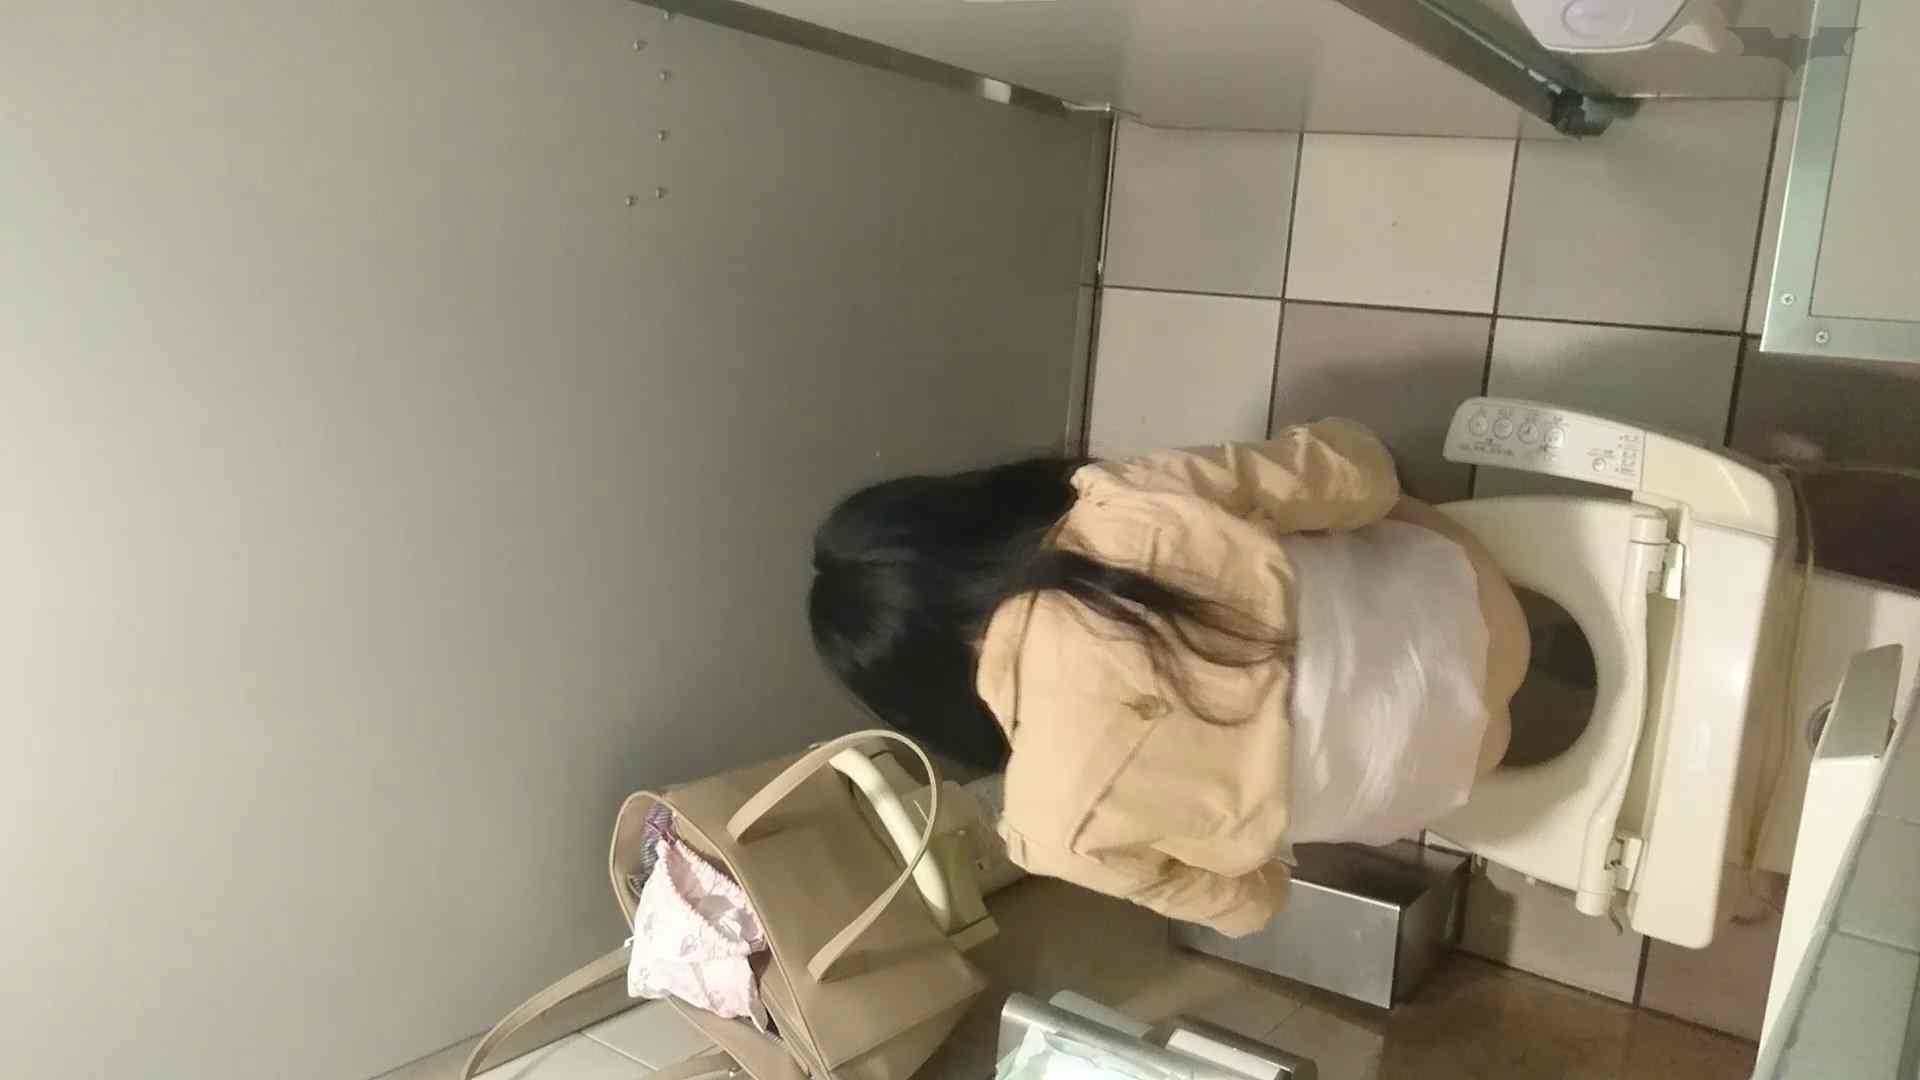 化粧室絵巻 ショッピングモール編 VOL.19 OL  93pic 38